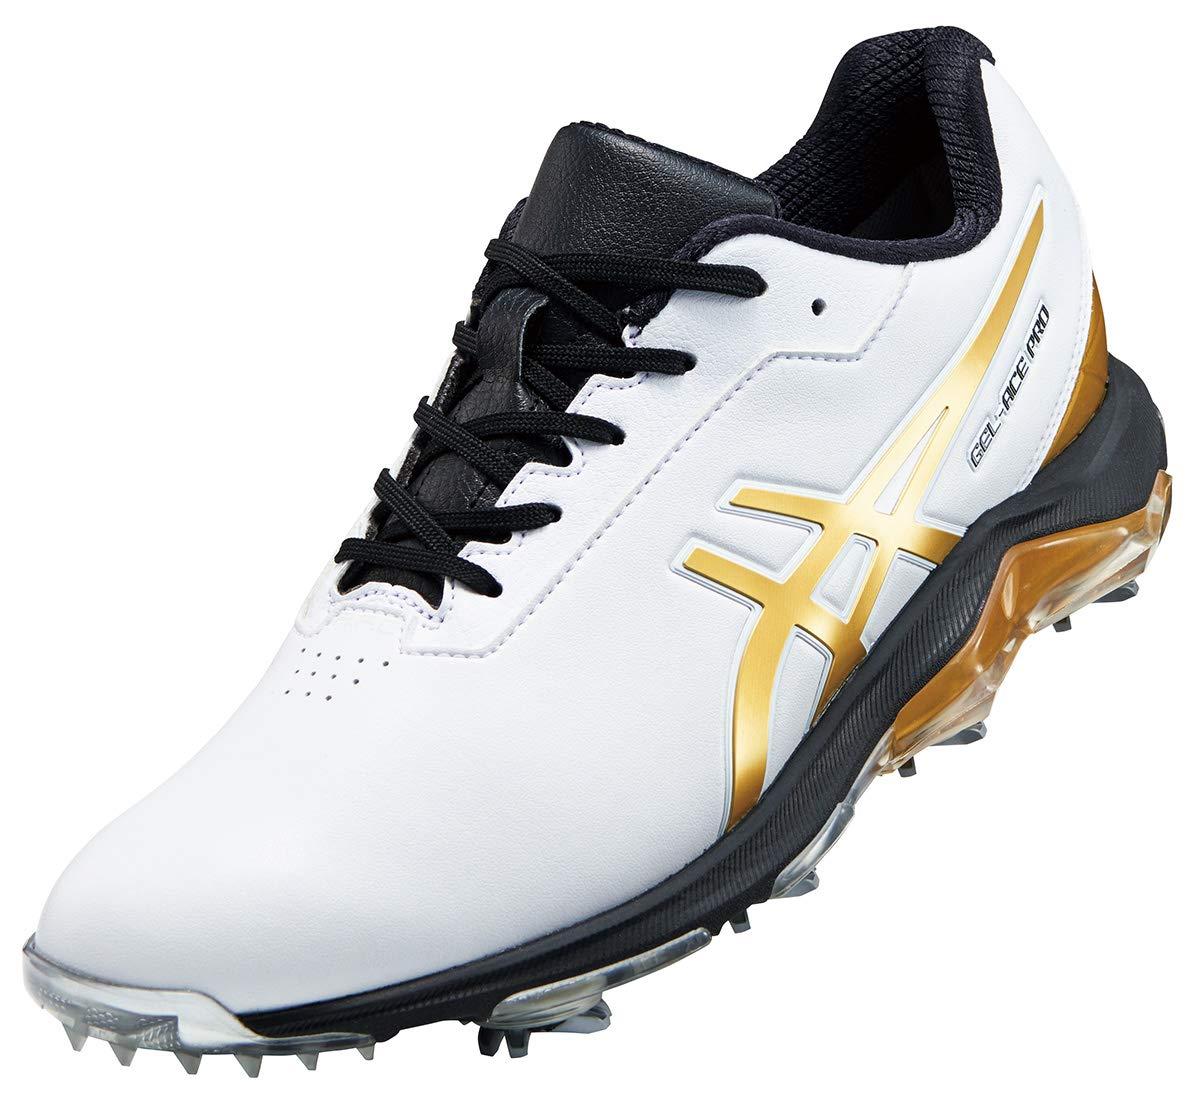 アシックス(asics) ゲルエース プロ 4 ゴルフシューズ 1113A013 101 ホワイト/リッチゴールド 25.5cm